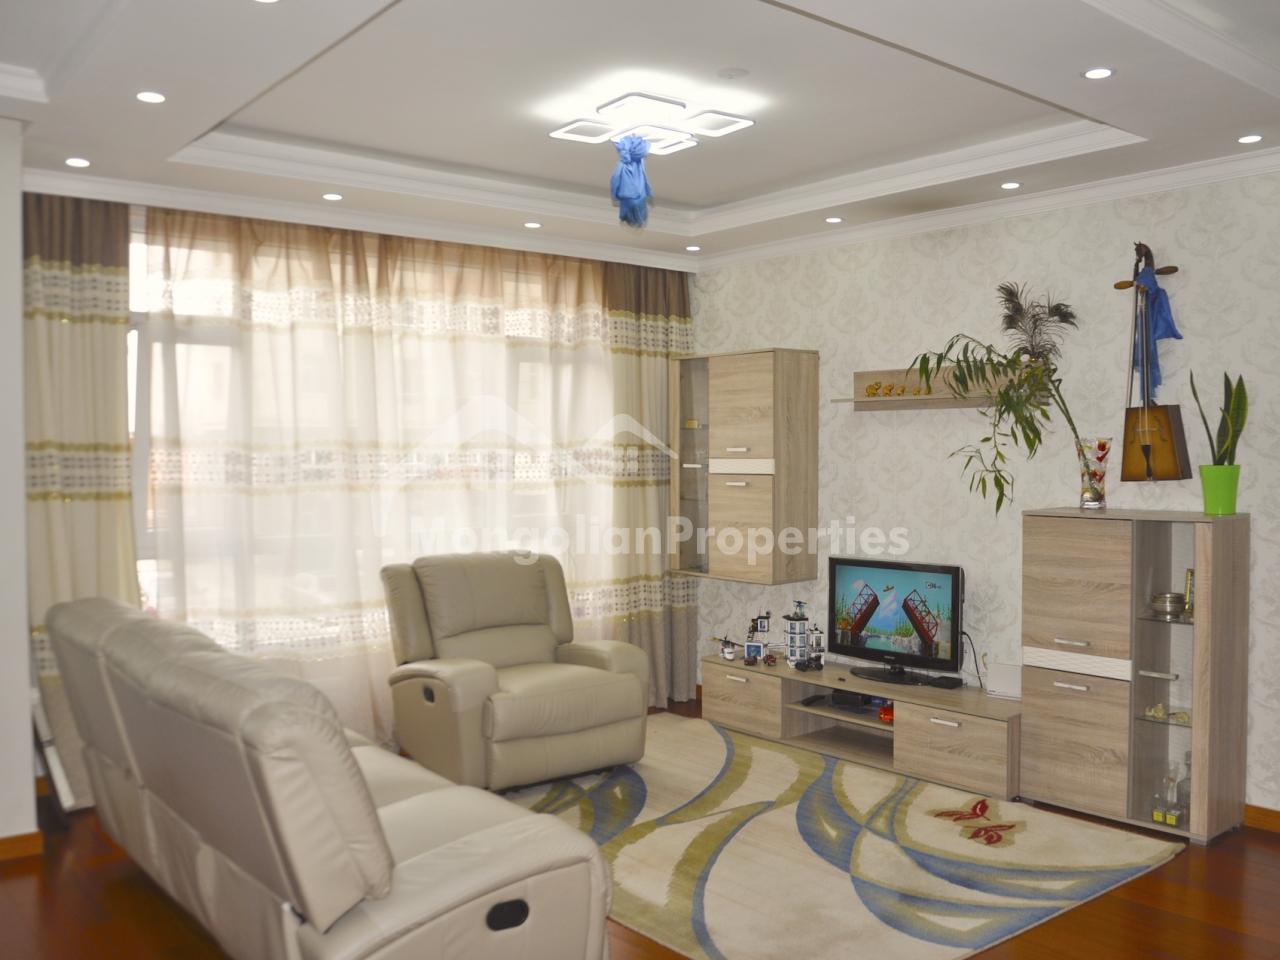 FOR RENT: Comfortable 2 bedroom apartment / Sunbridge